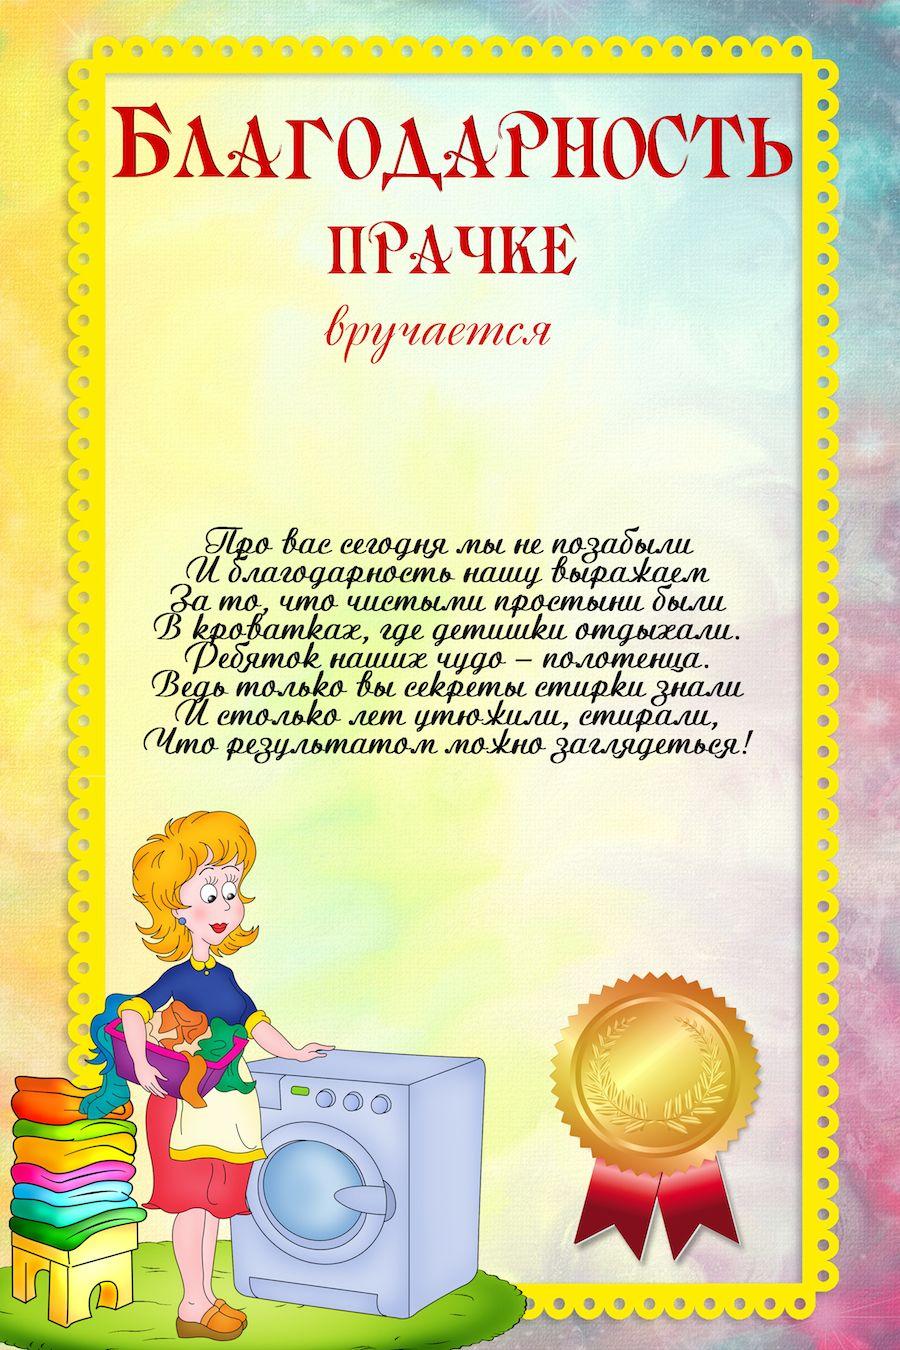 Детские благодарность шаблон скачать бесплатно